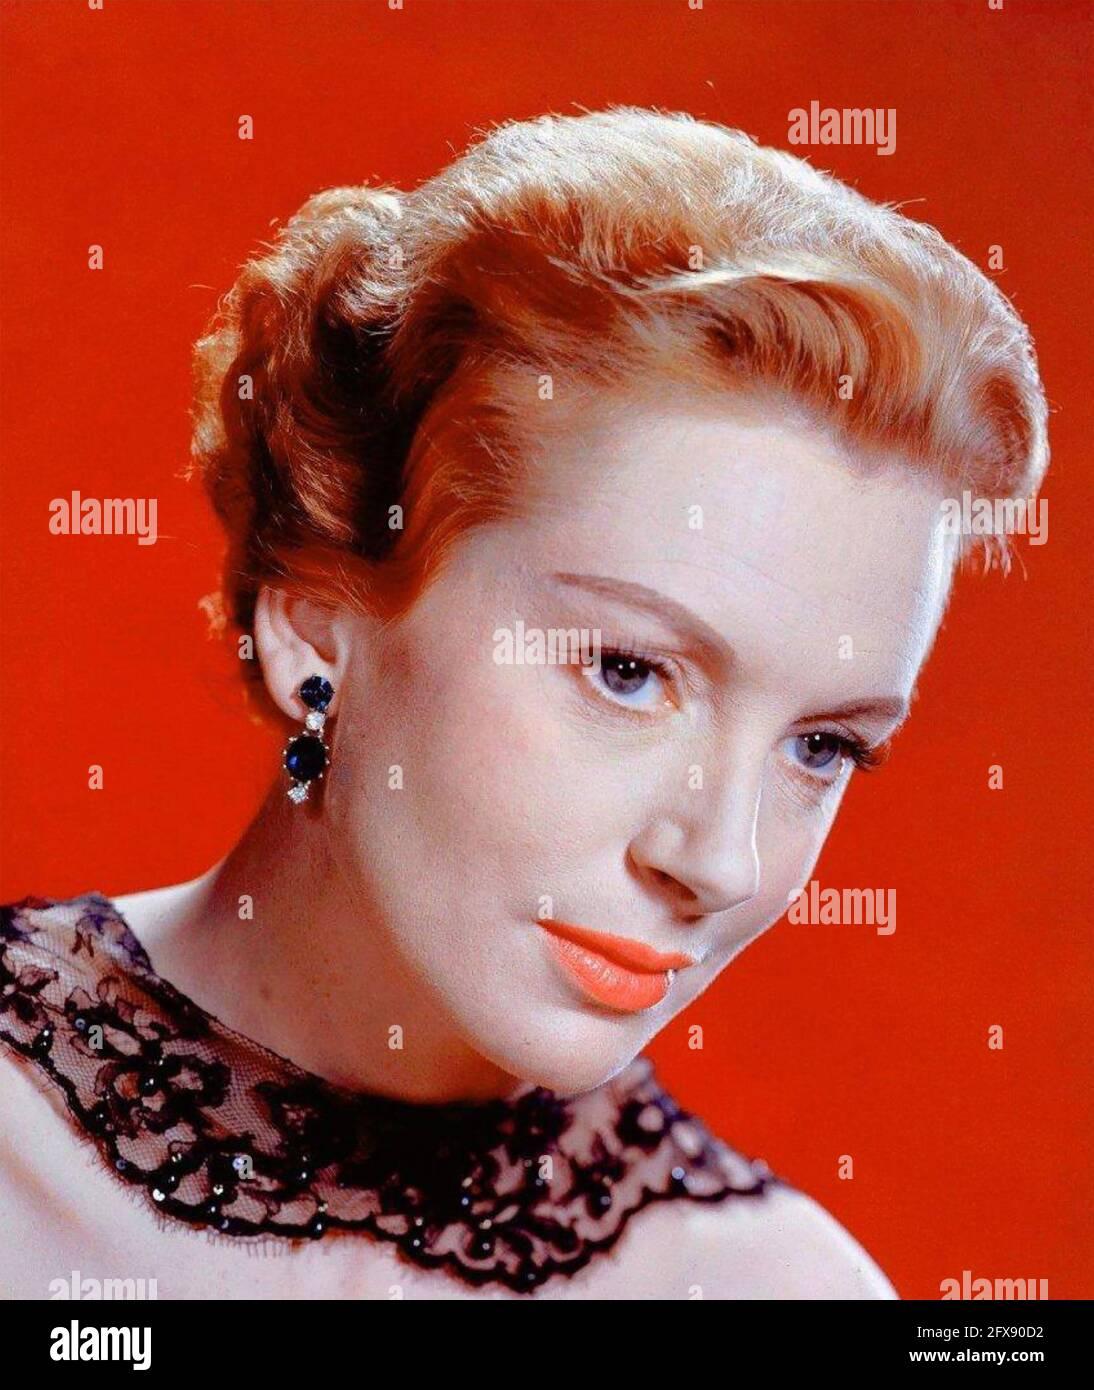 DEBORAH KERR (1921-2007) actrice écossaise vers 1968 Banque D'Images